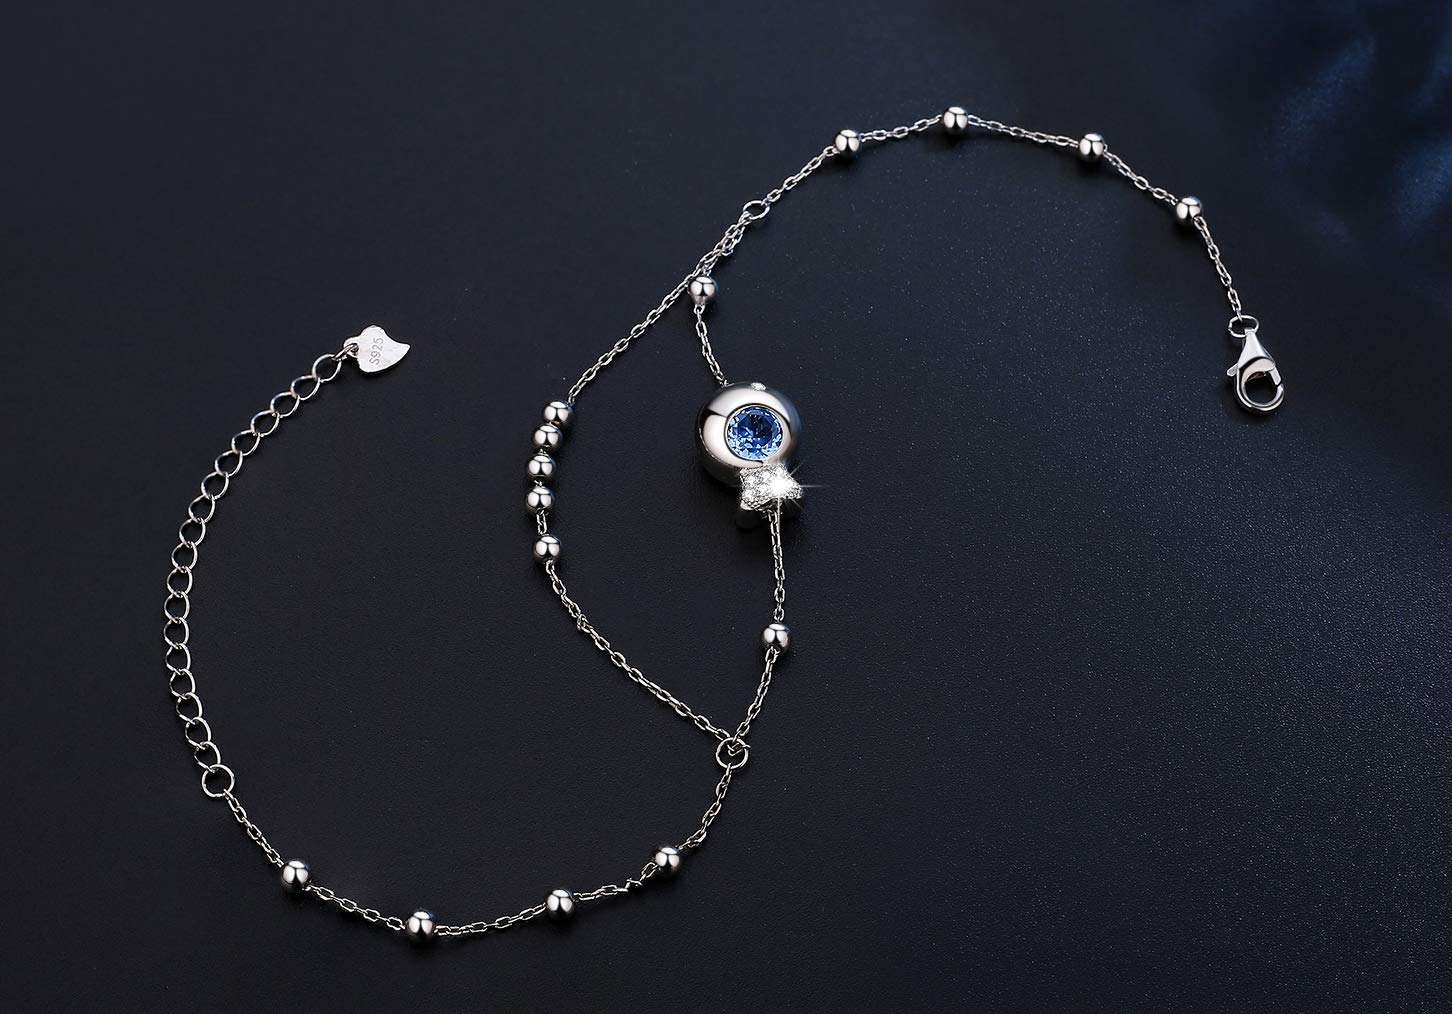 Abiguell Damen Fußkettchen 925 Sterling Silber Kugel Fußkette, Sommer Strand FußSchmuck für Frauen Mädchen inkl. Geschenkbox Verstellbares (26 cm)